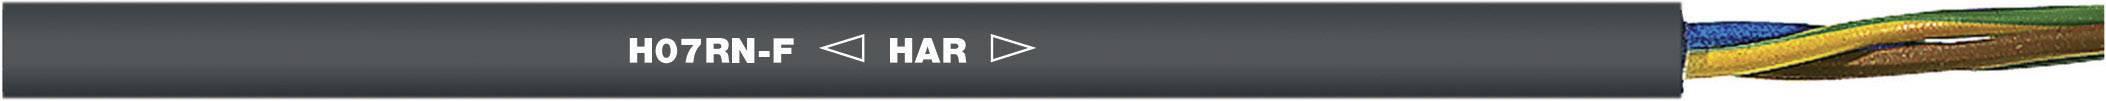 Připojovací kabel H07RN-F 2 x 6 mm² černá LAPP 1600095/100 100 m